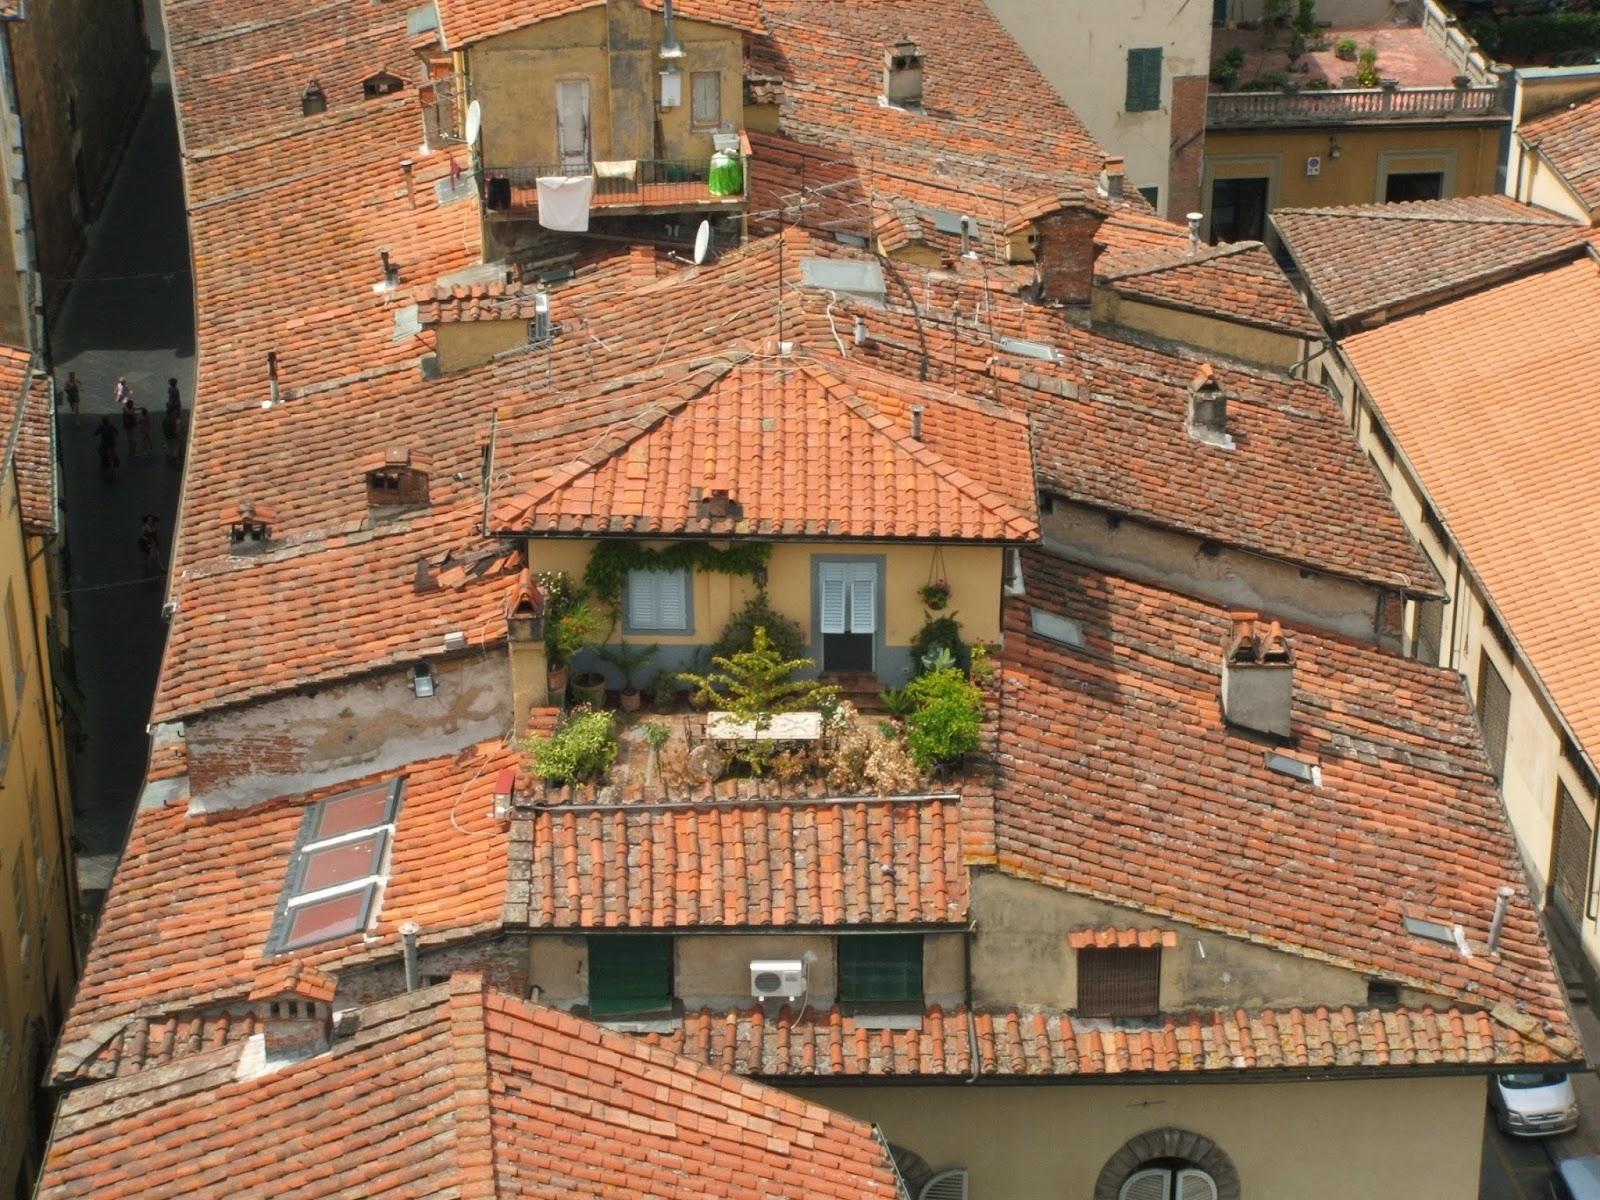 Sognare Soffitti Alti : Significato dei sogni sognare un tetto